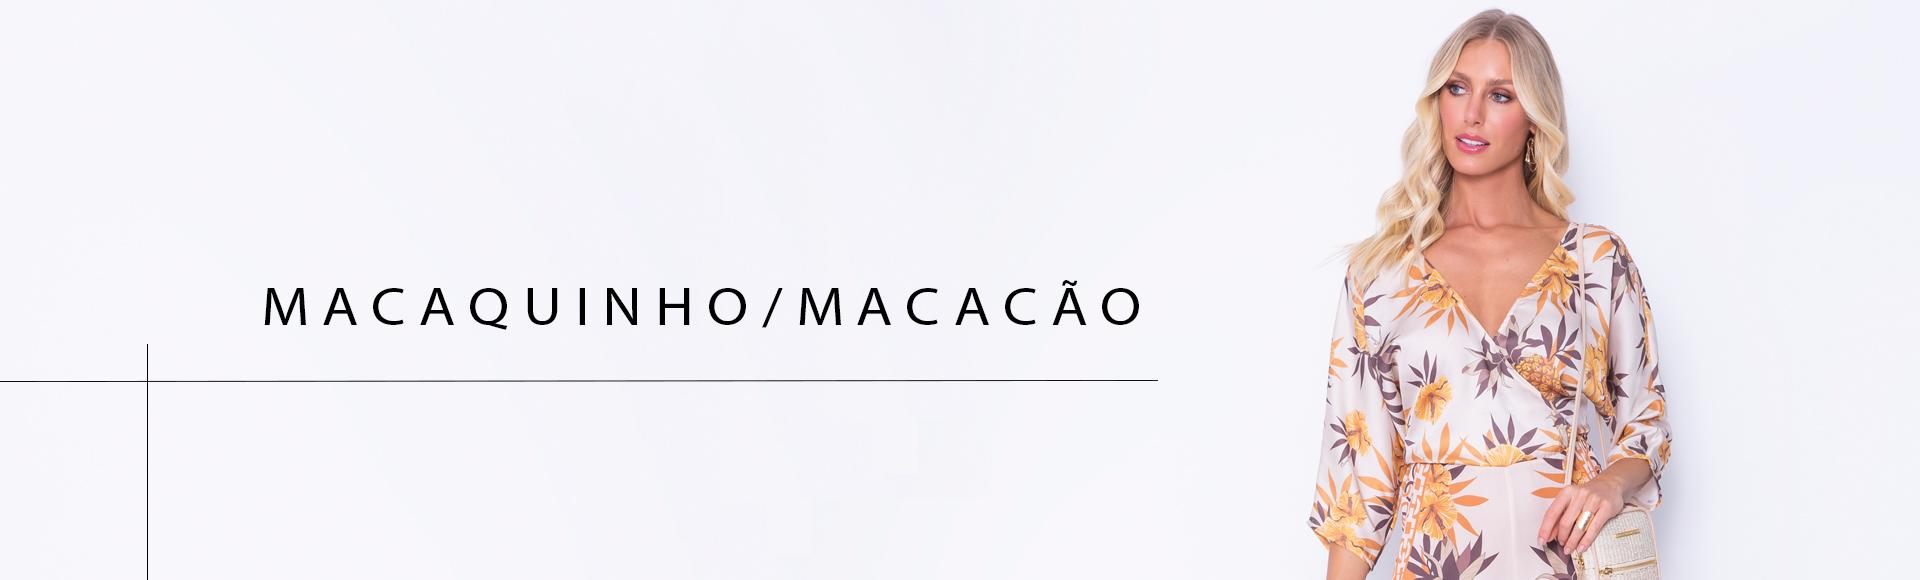 Banner Macacão